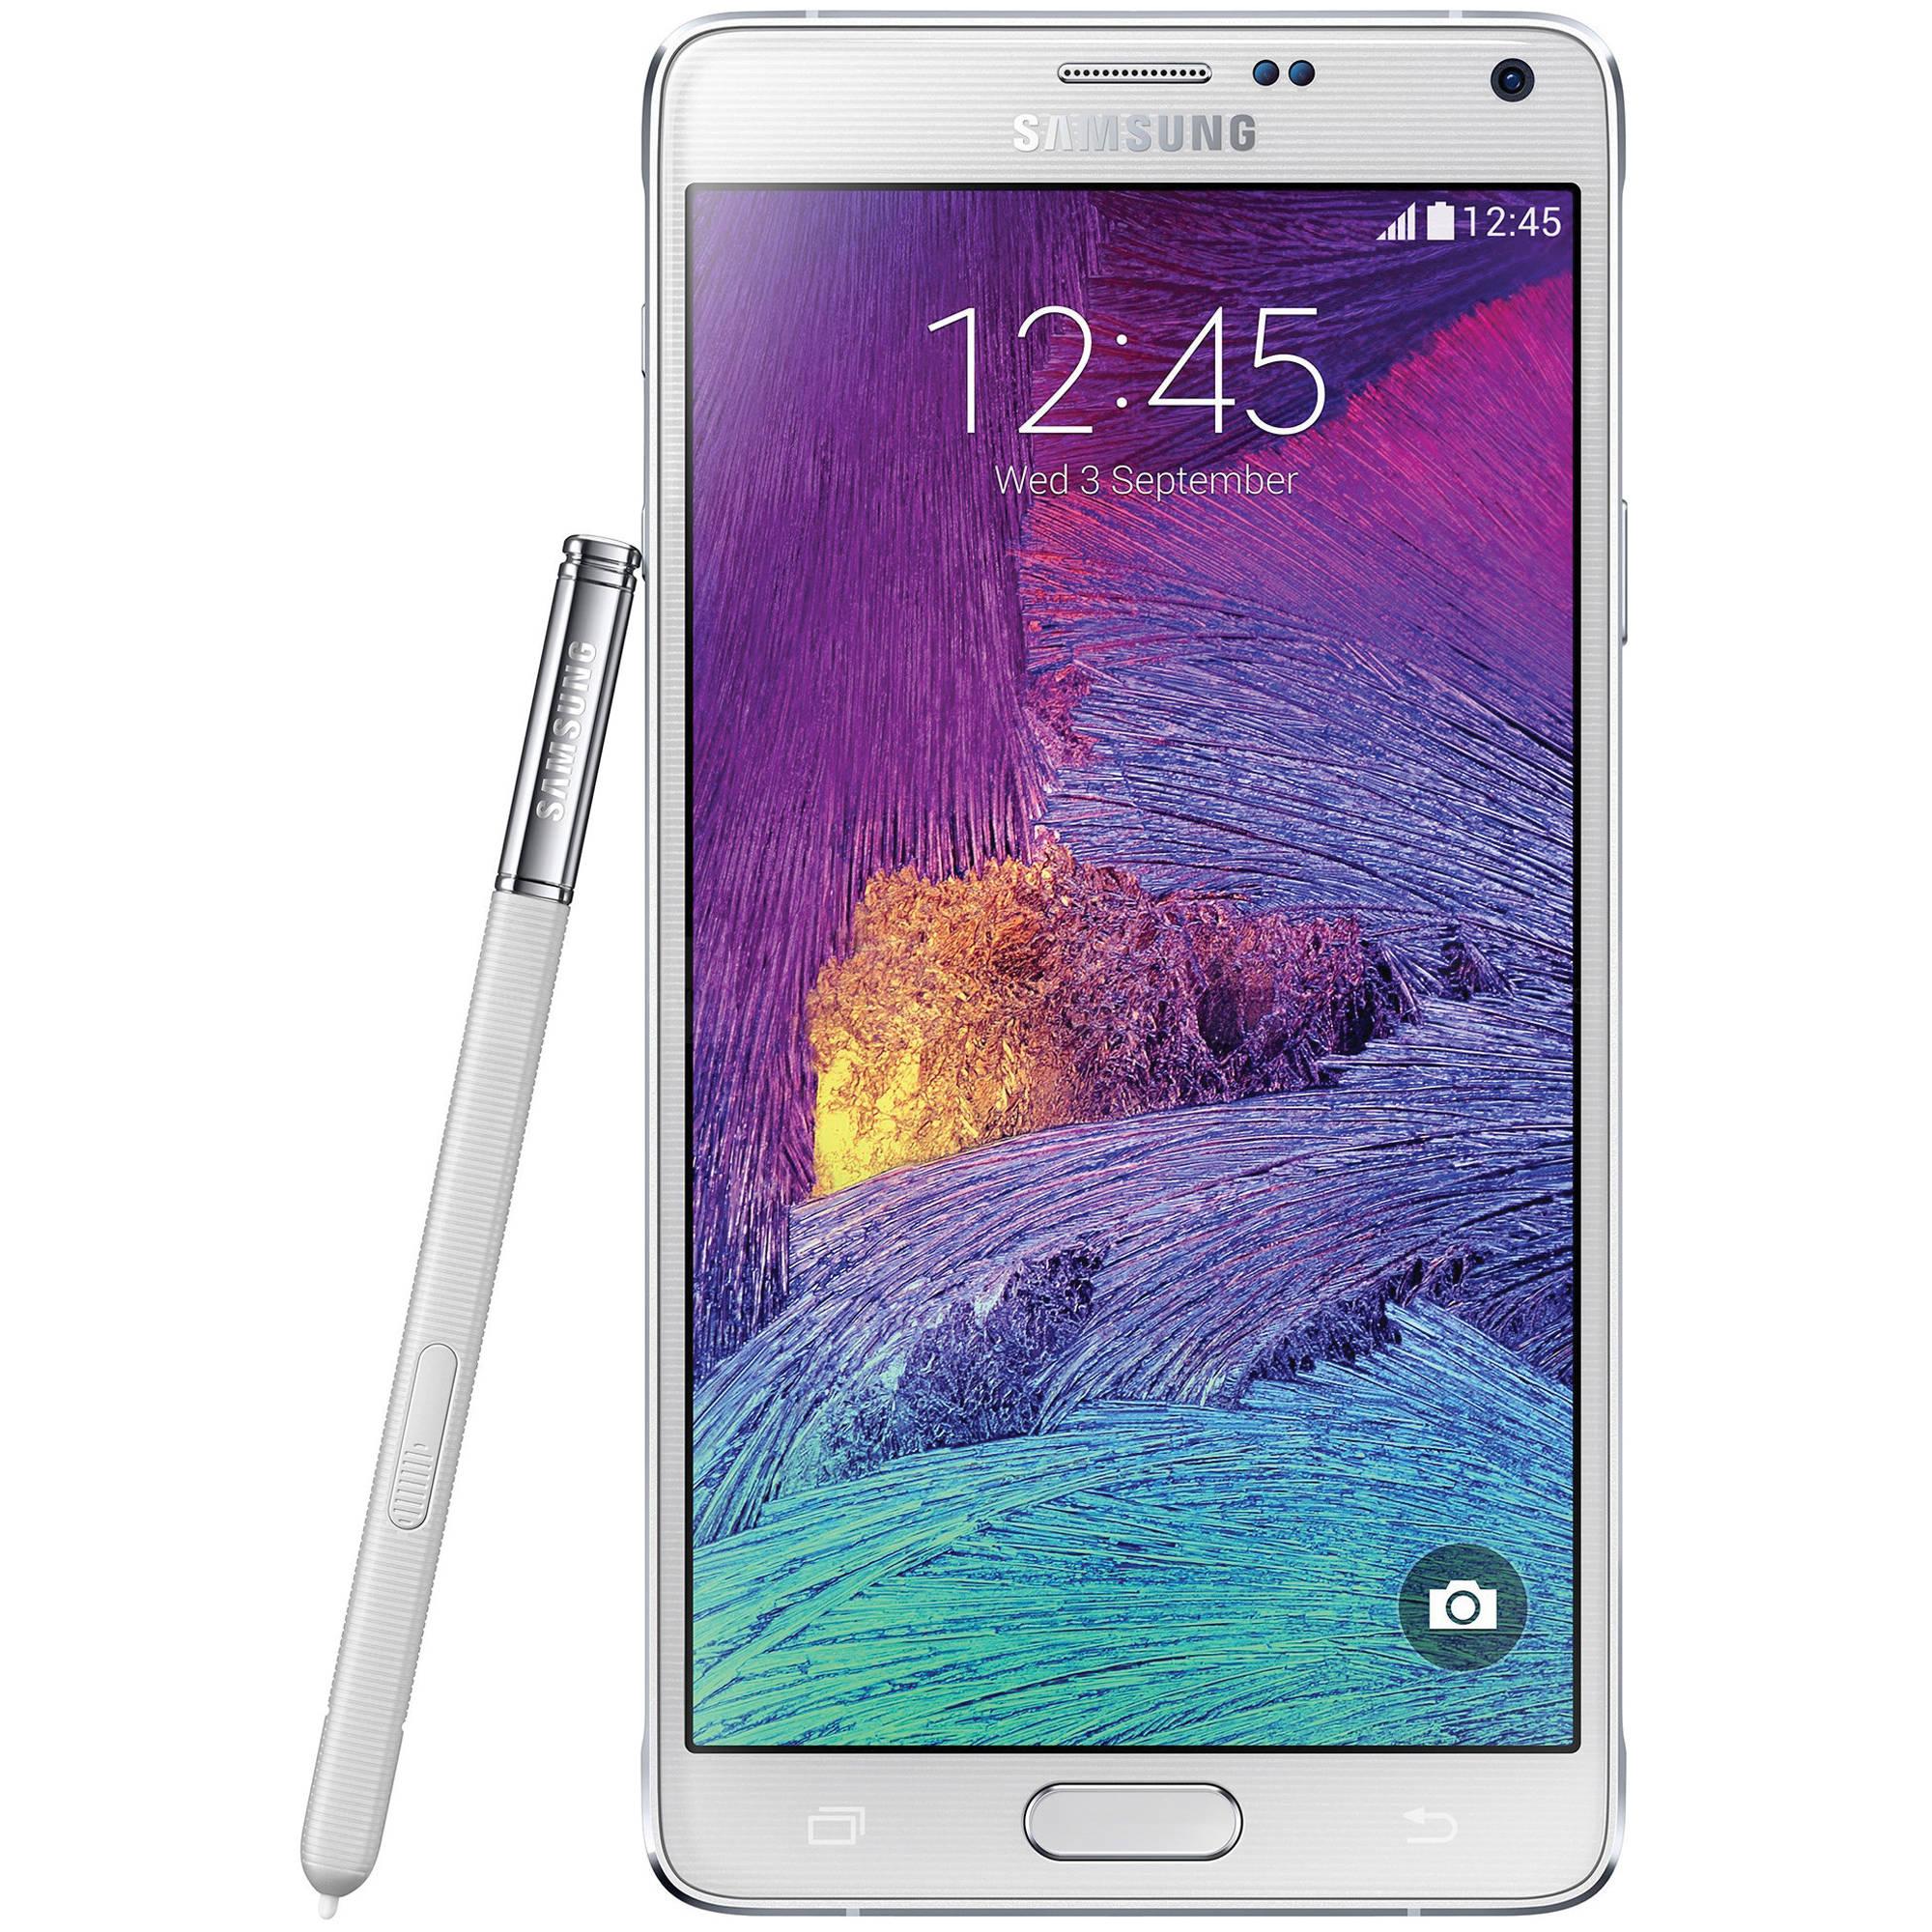 Samsung Galaxy Note Iiii Factory Unlocked